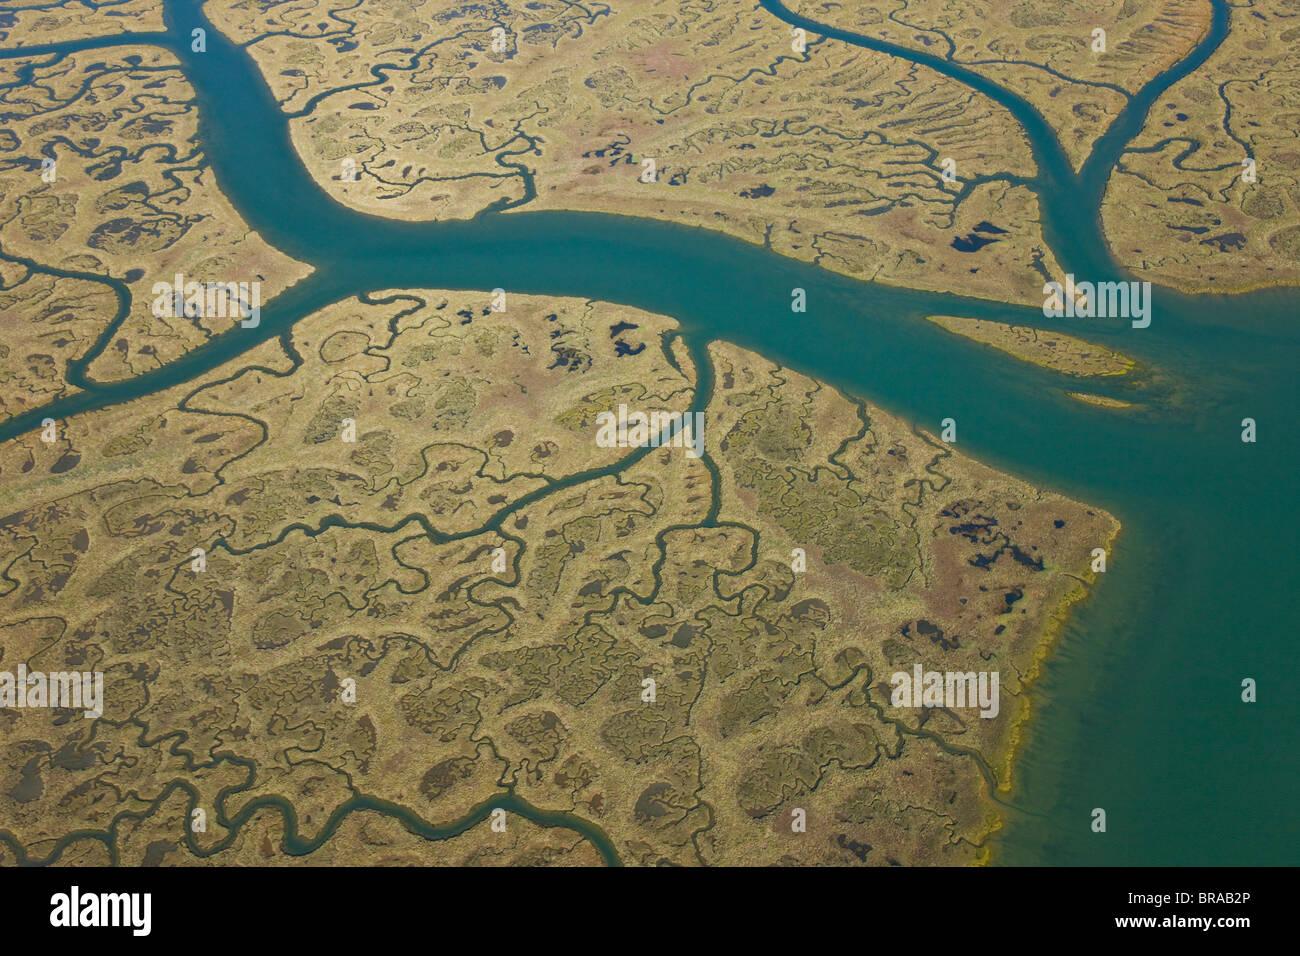 Vista aérea de los afluentes, y la marisma salada Costa, Odiel, Costa de la Luz, Huelva, Andalucía, España, Imagen De Stock